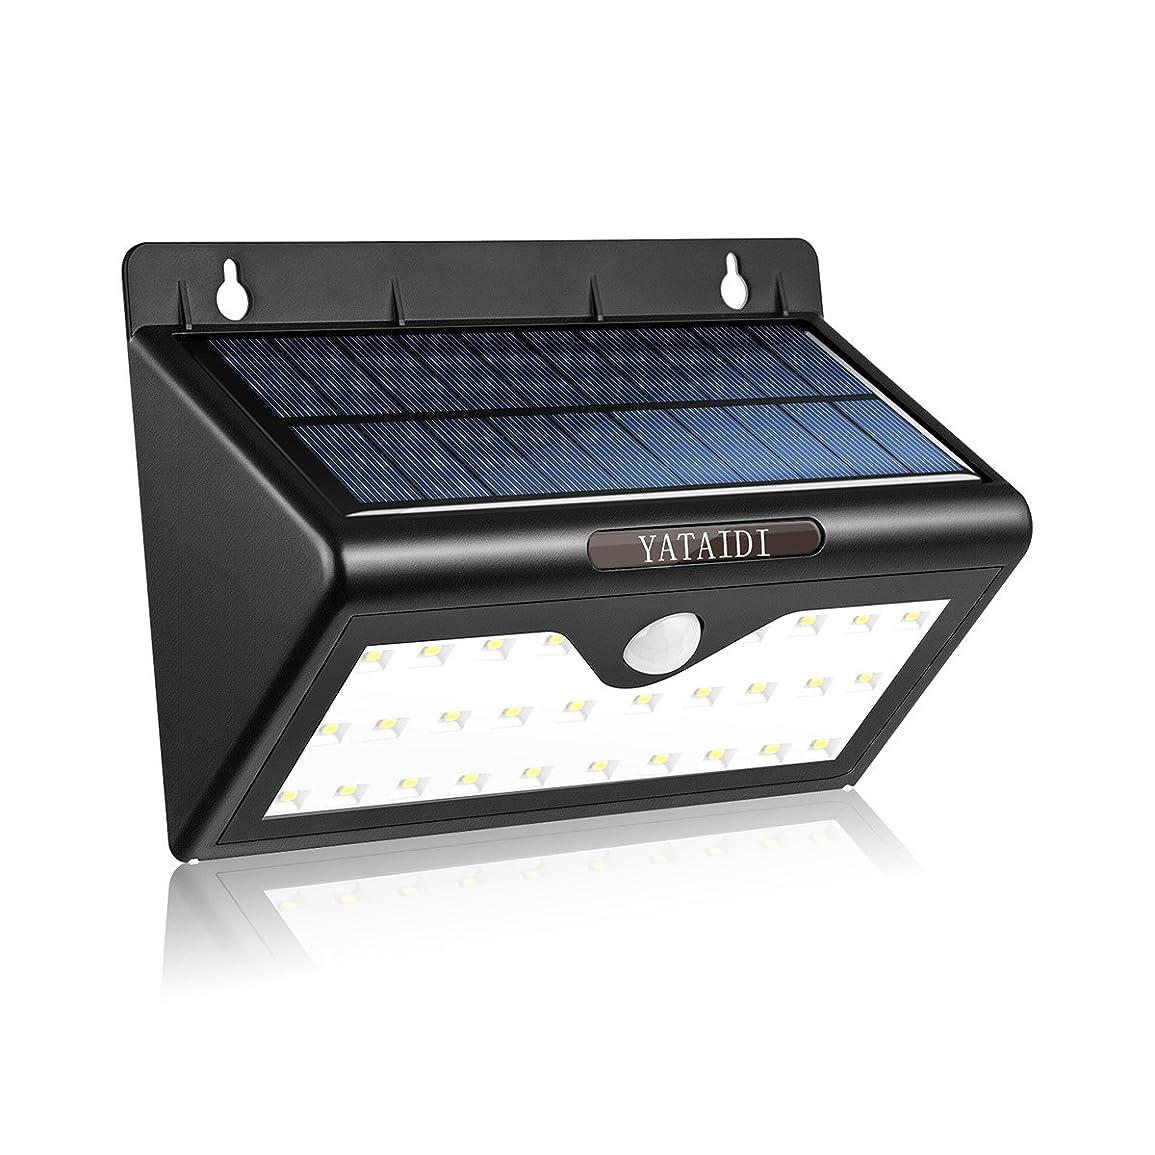 原子炉不注意ユーザーYATAIDI ソーラーライト センサーライト 28LEDs 高輝度 防水無線 壁掛け式 太陽発電 省エネ 防犯 自動点灯 超寿命